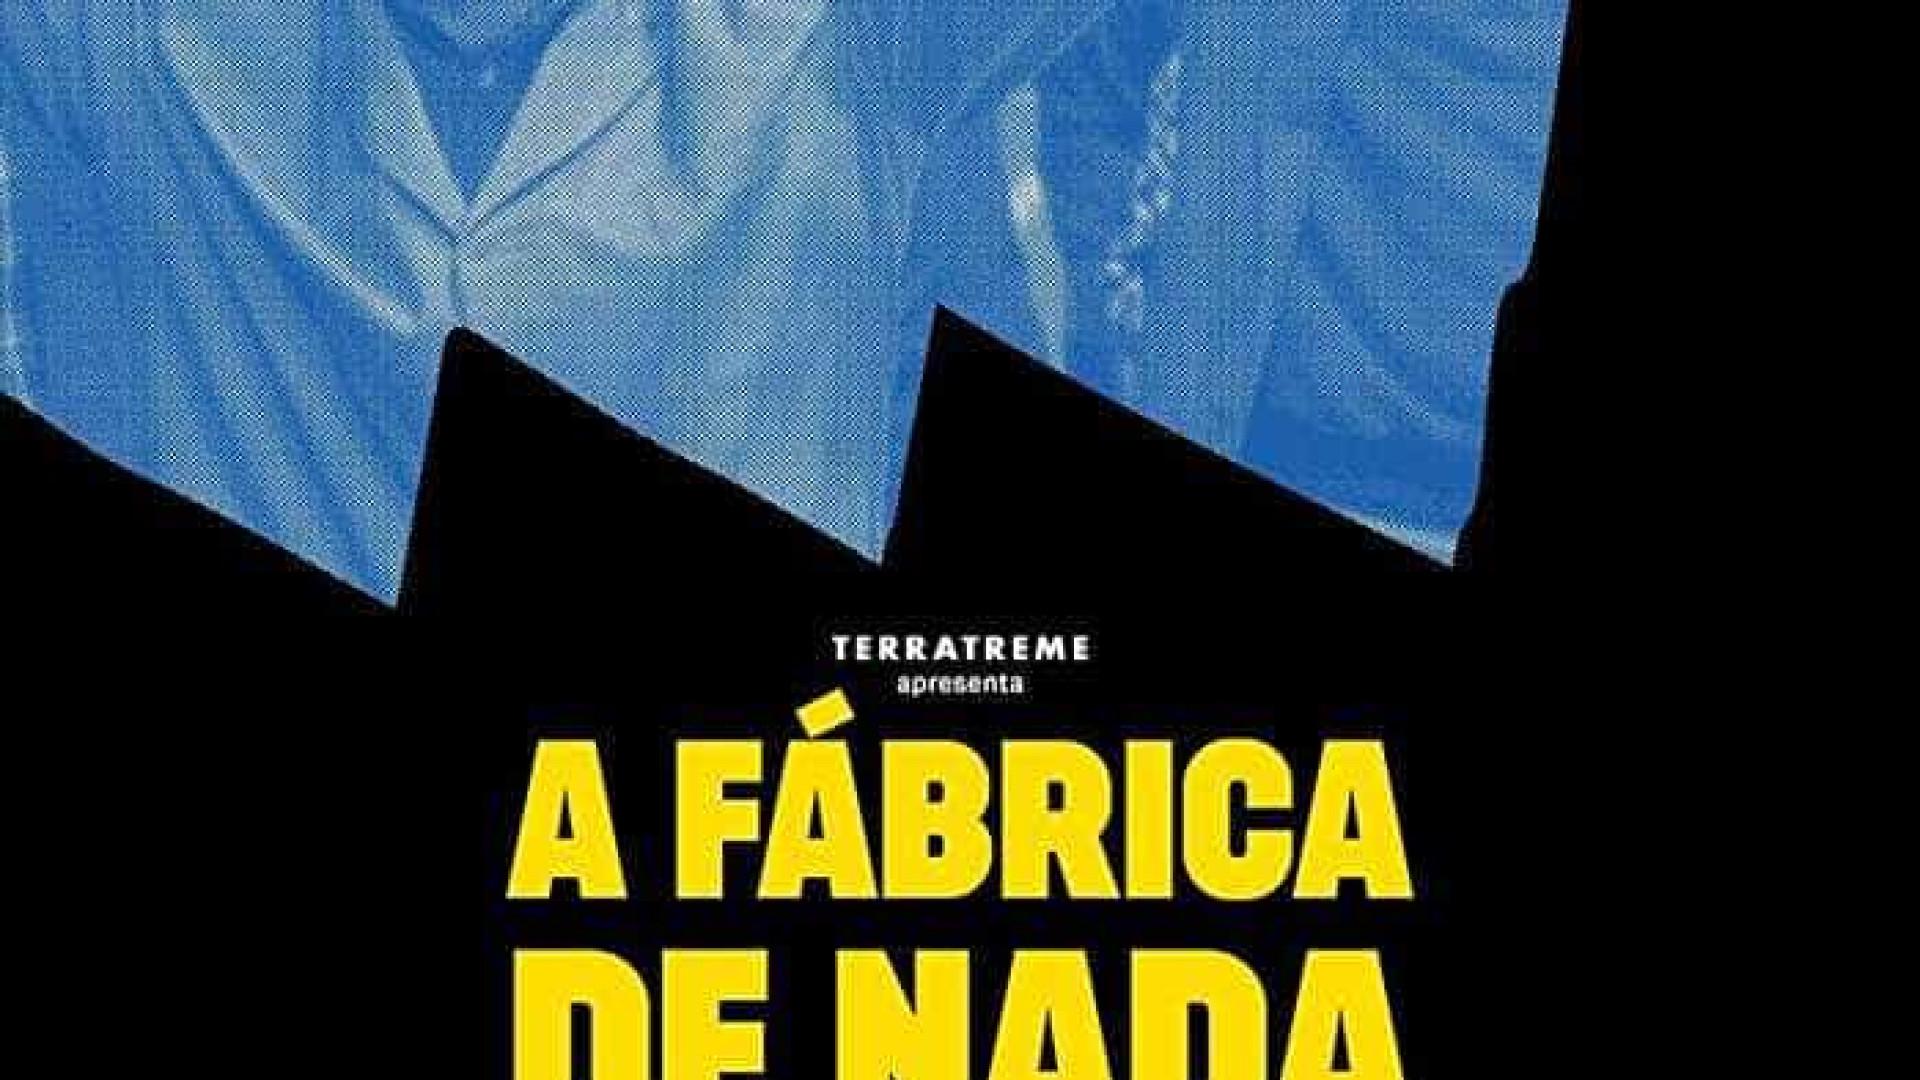 'A Fábrica de Nada' lidera lista dos melhores filmes sem distribuição